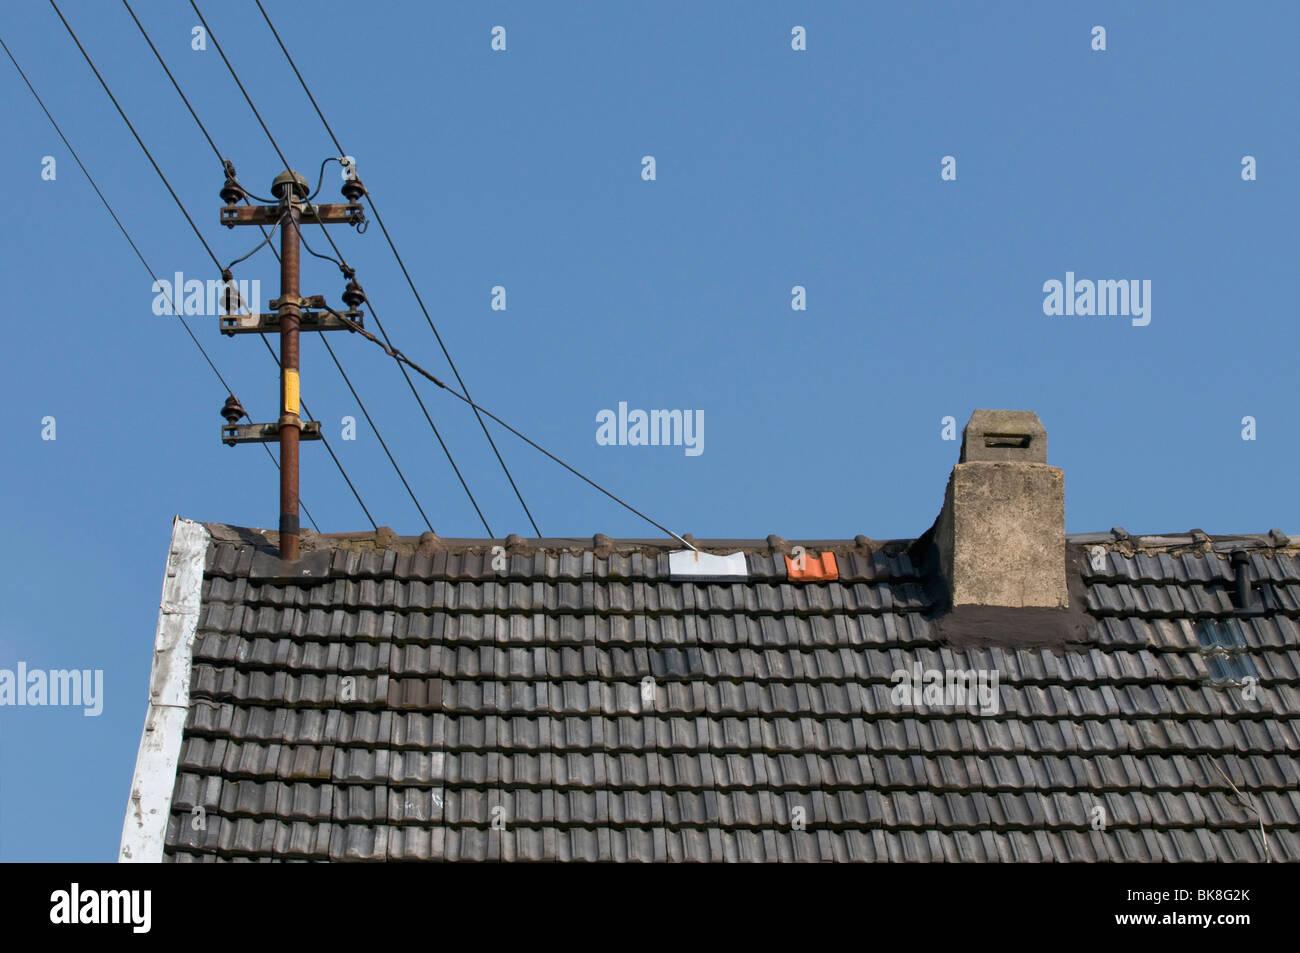 Alten Stromleitungen mit keramischen Isolatoren auf Dach Stockbild